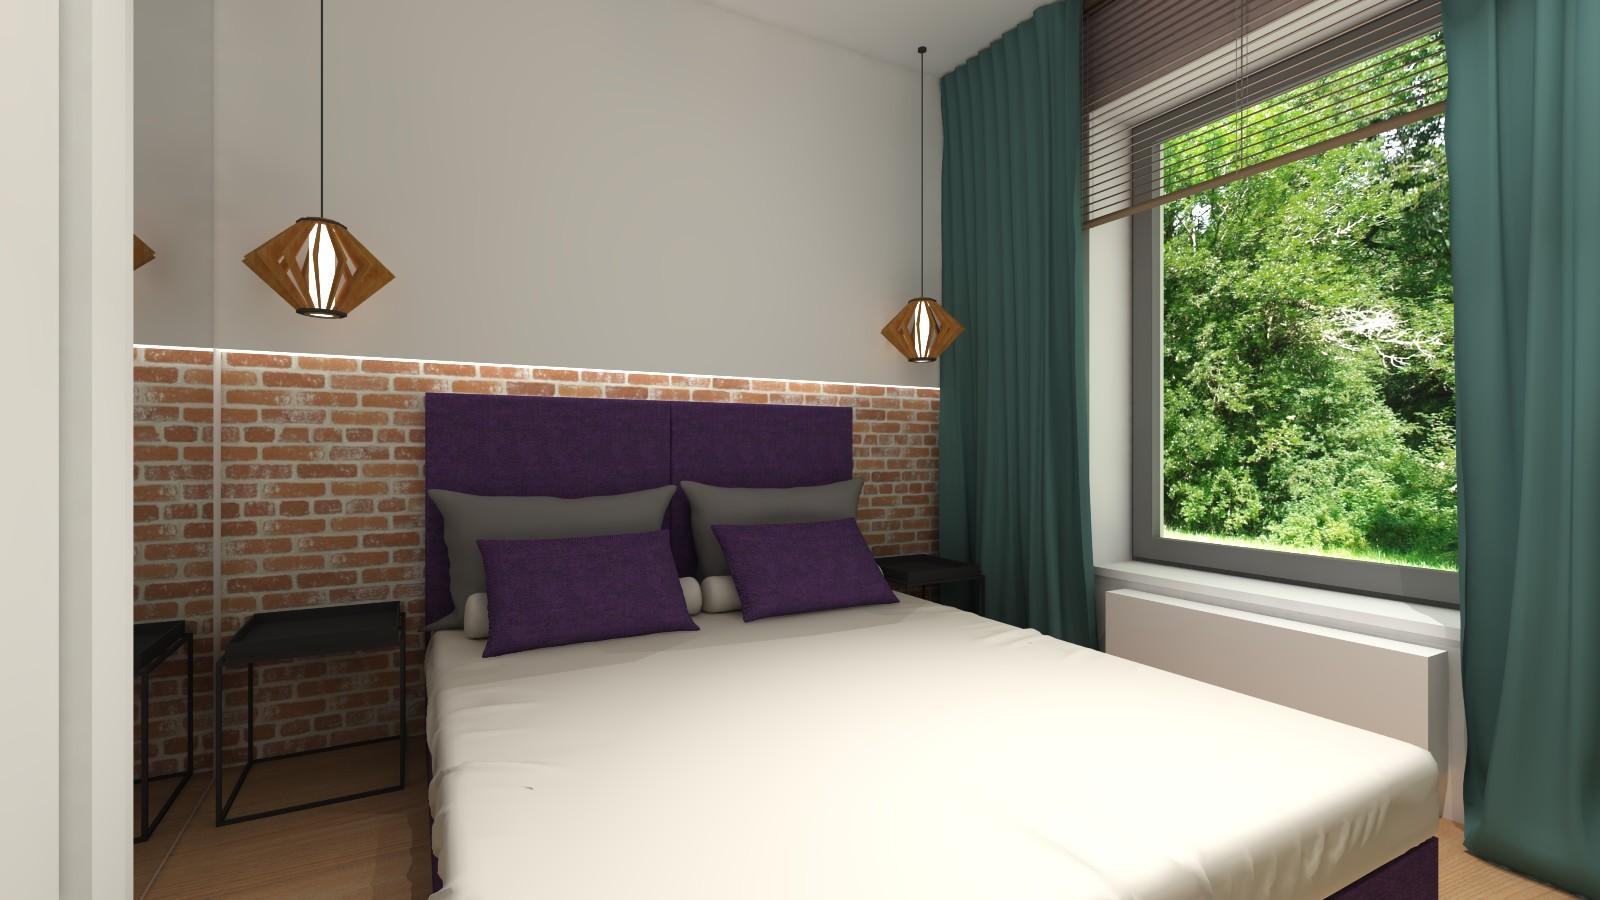 malutka-sypialnia-z-chlodnym-odcieniem-zieleni-cegla-na-scianie-zielone-zaslony